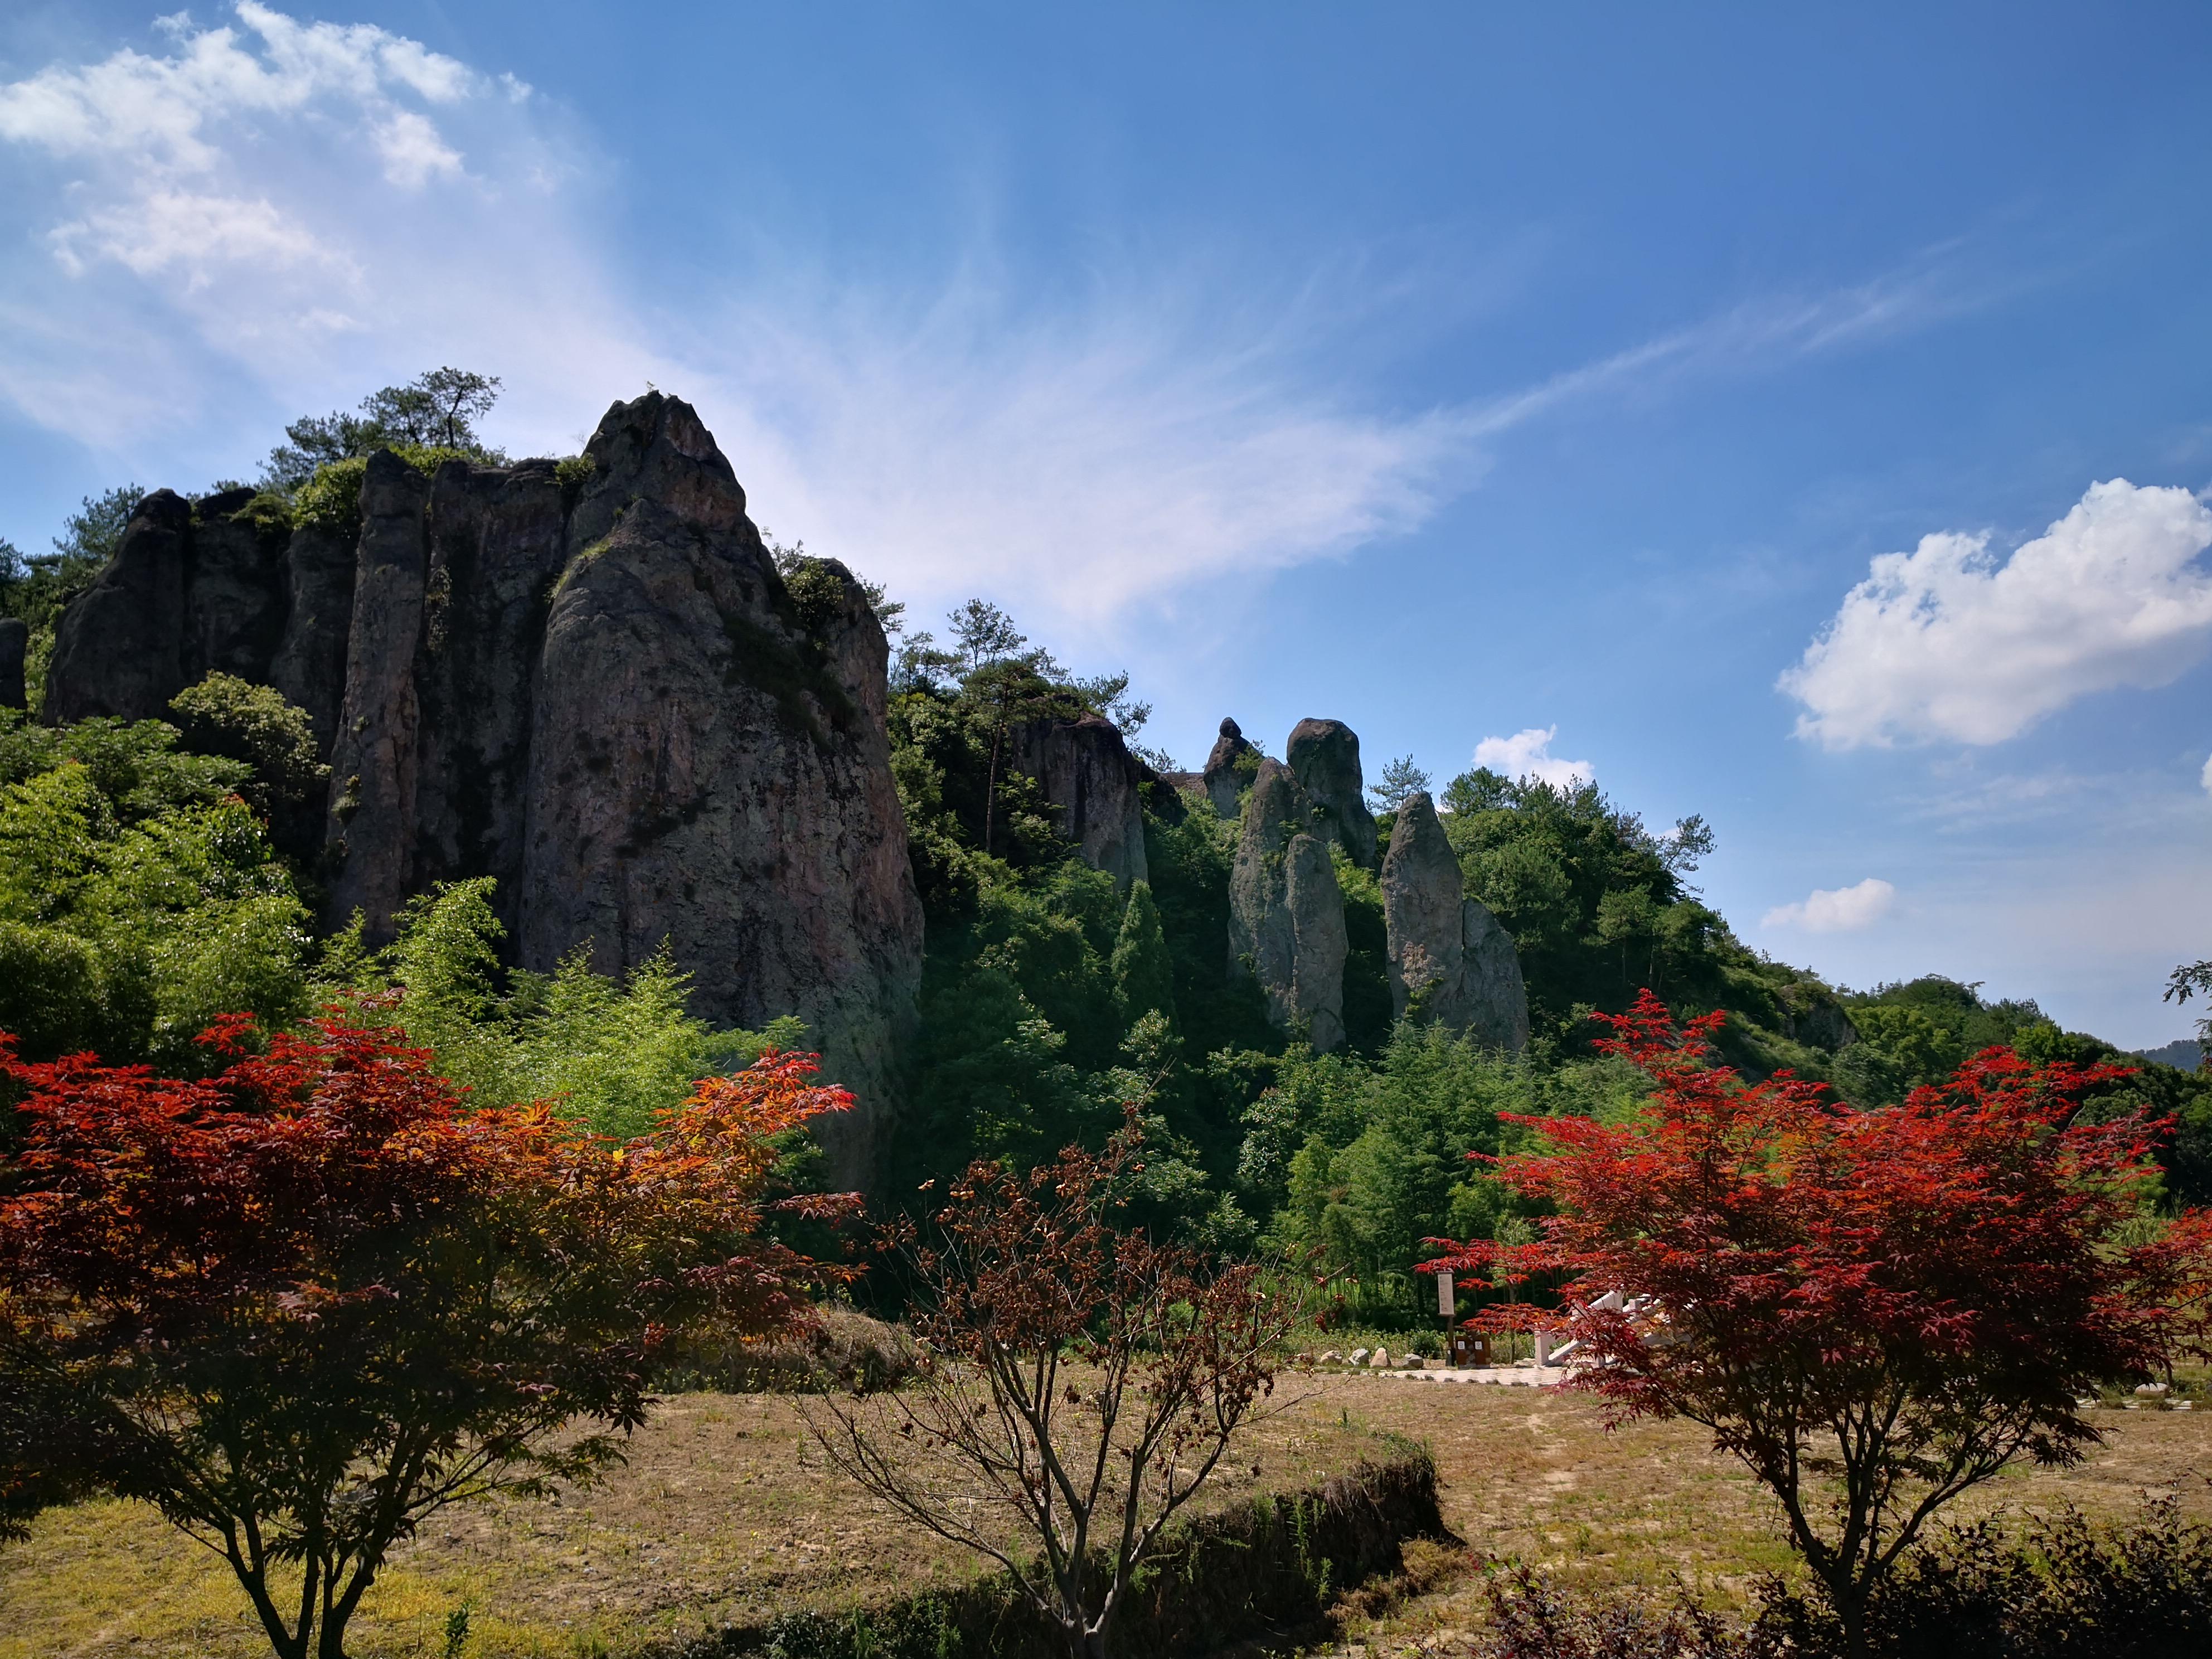 仙都風景區分布于東西約10公里的練溪兩岸,由小赤壁,倪翁洞,鼎湖峰,芙